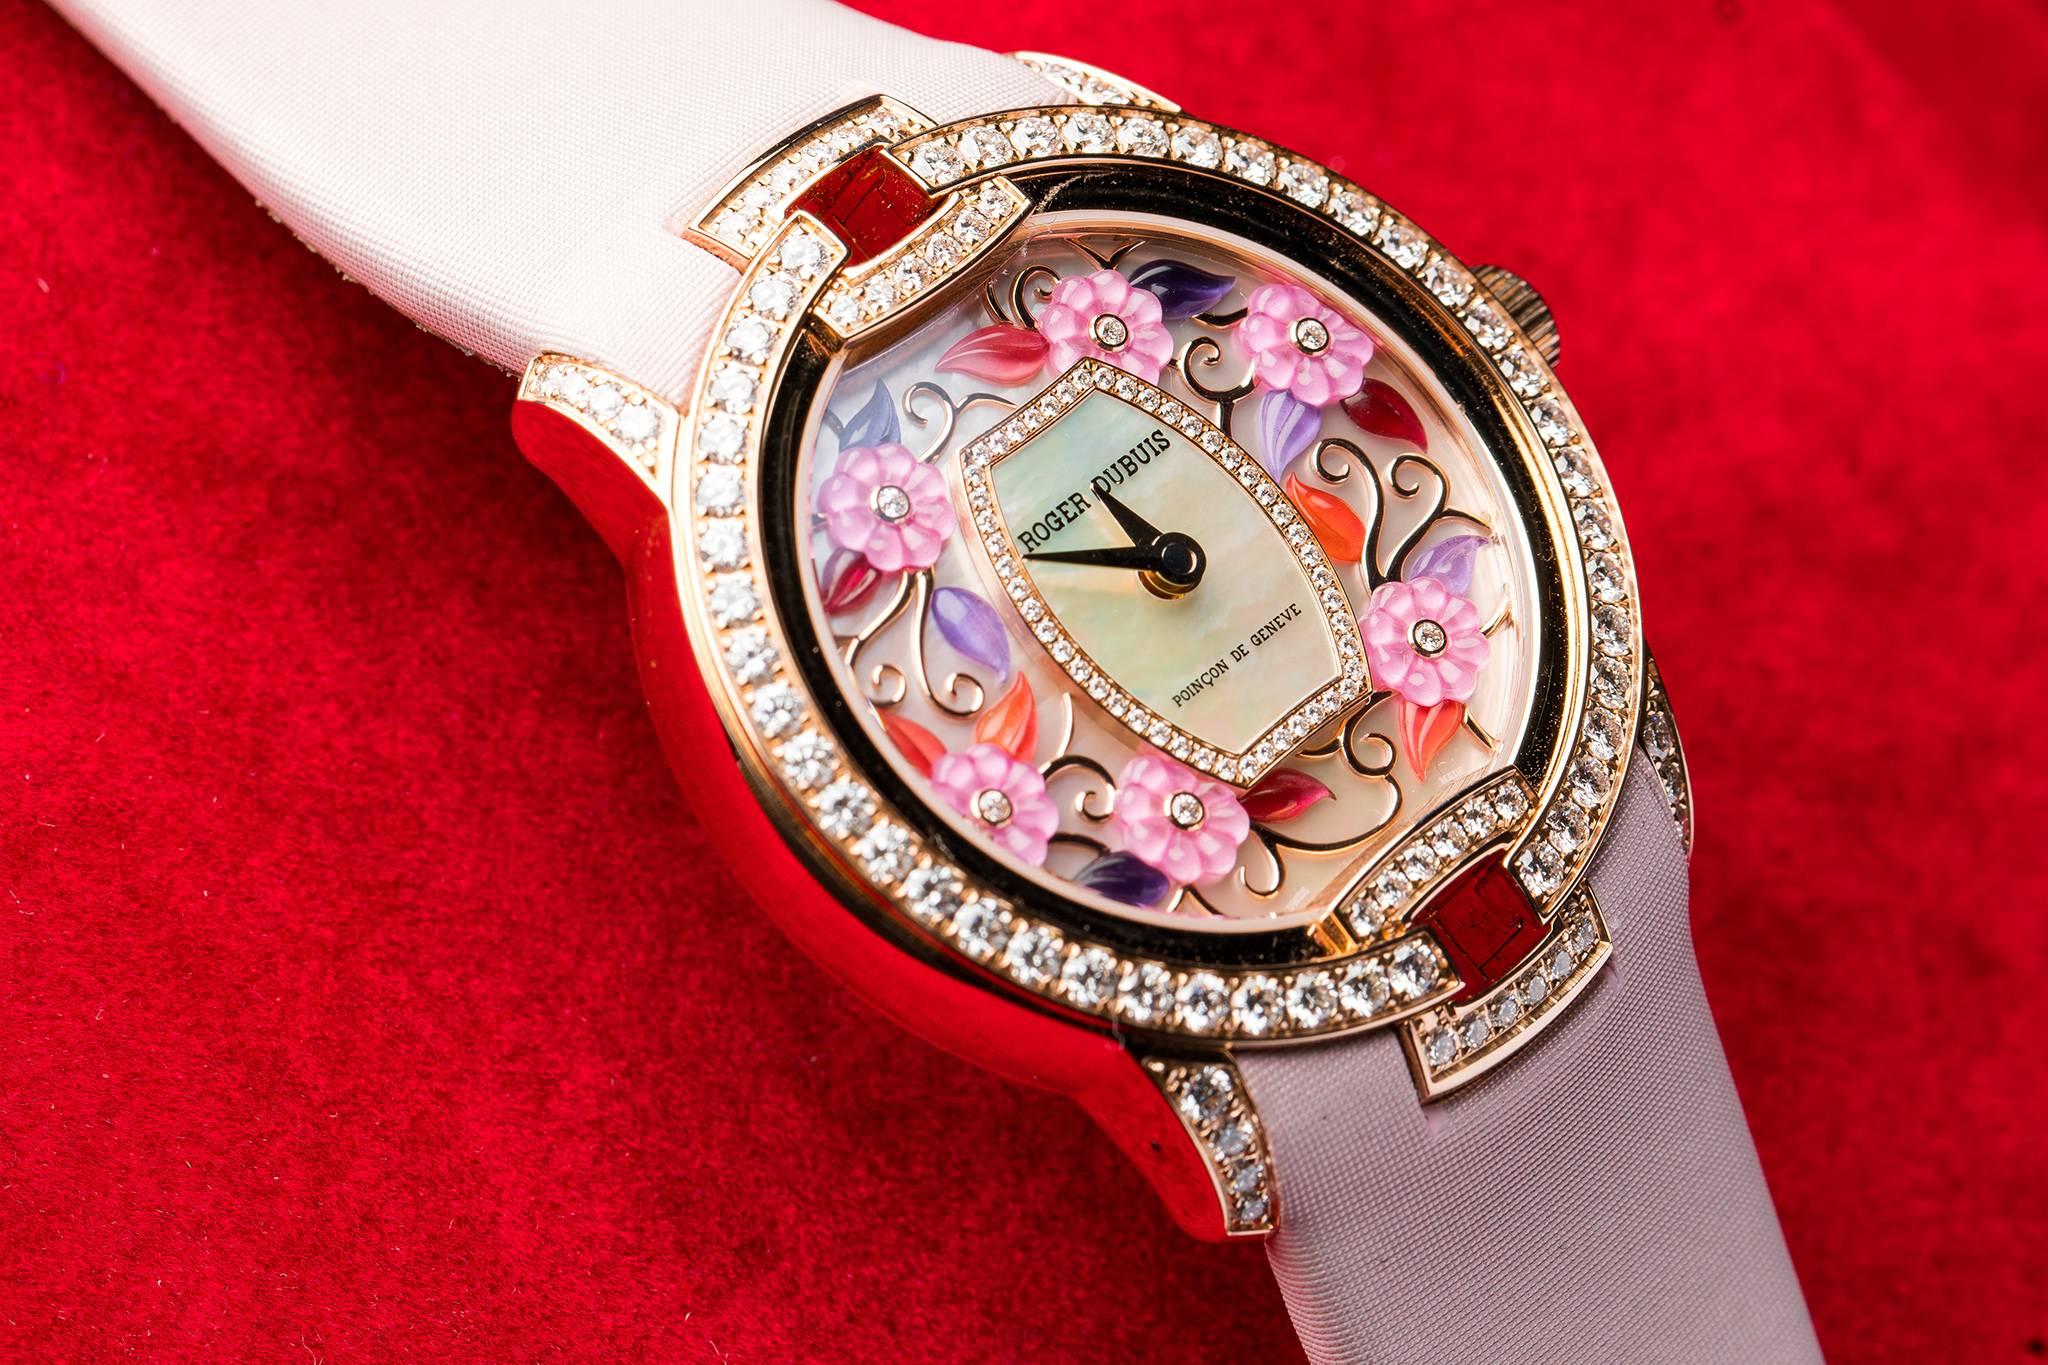 Roger Dubuis Blossom Velvet Pink Watch 2016